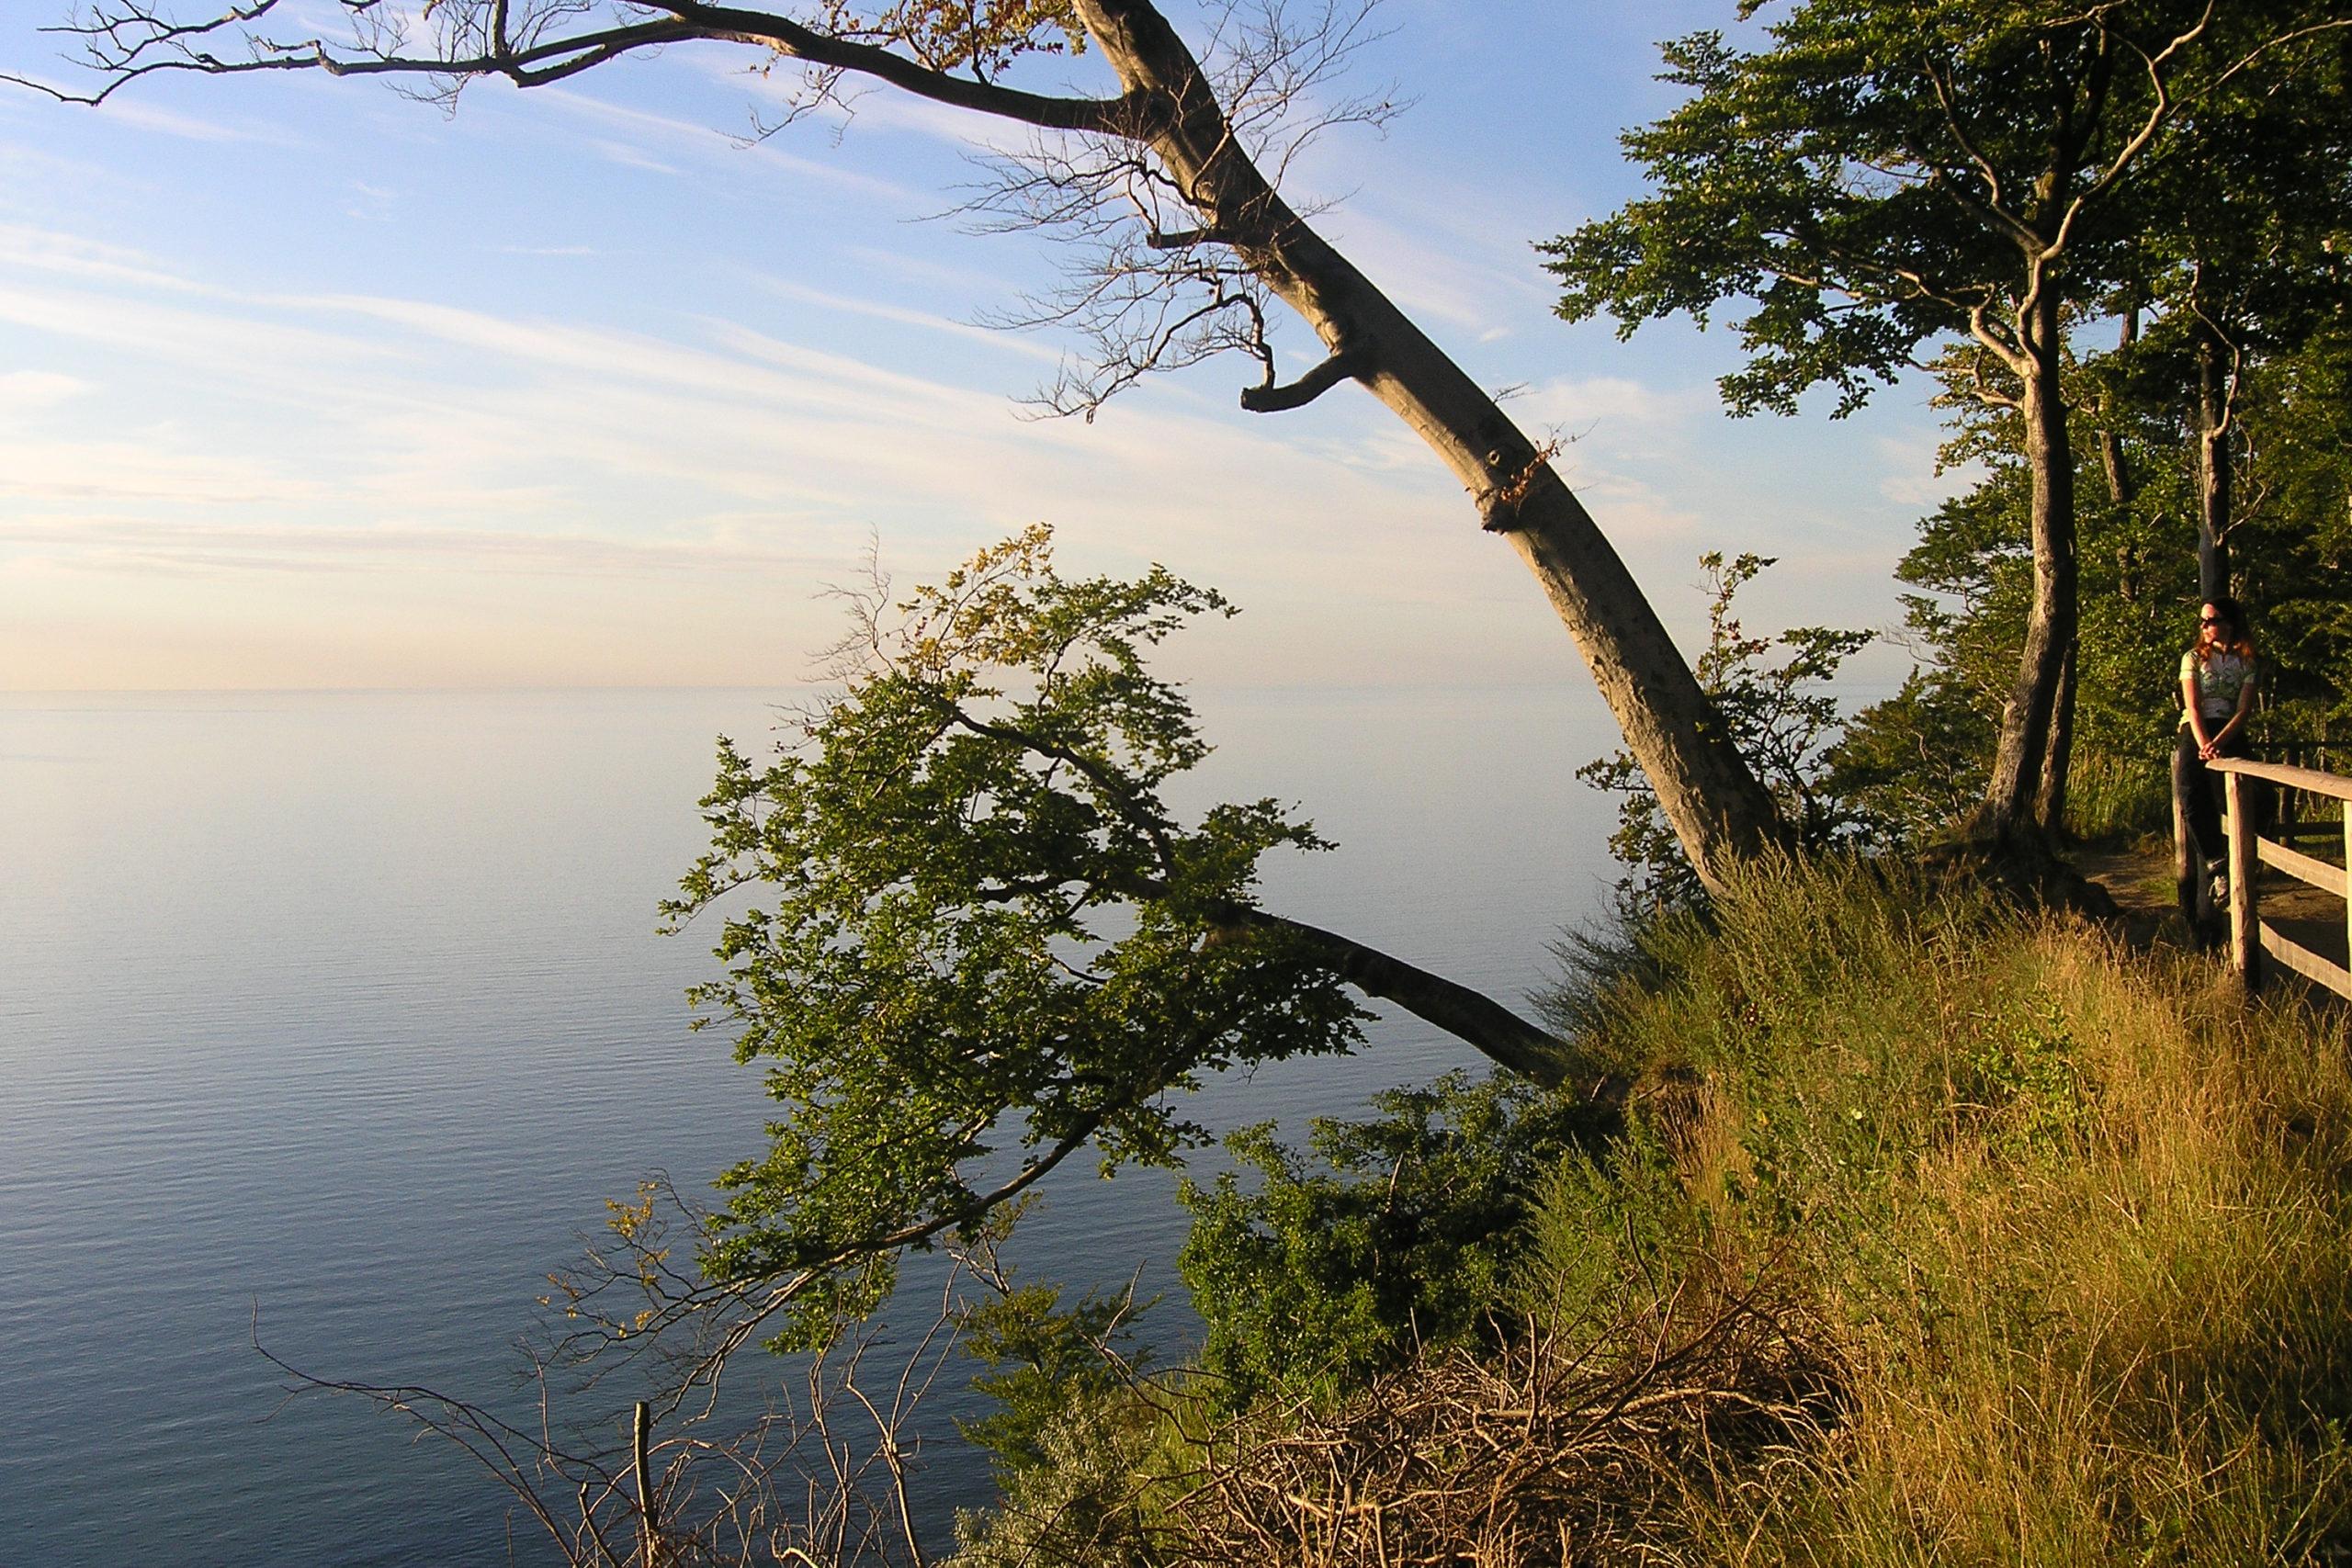 Międzyzdroje widok na morze i drzewo